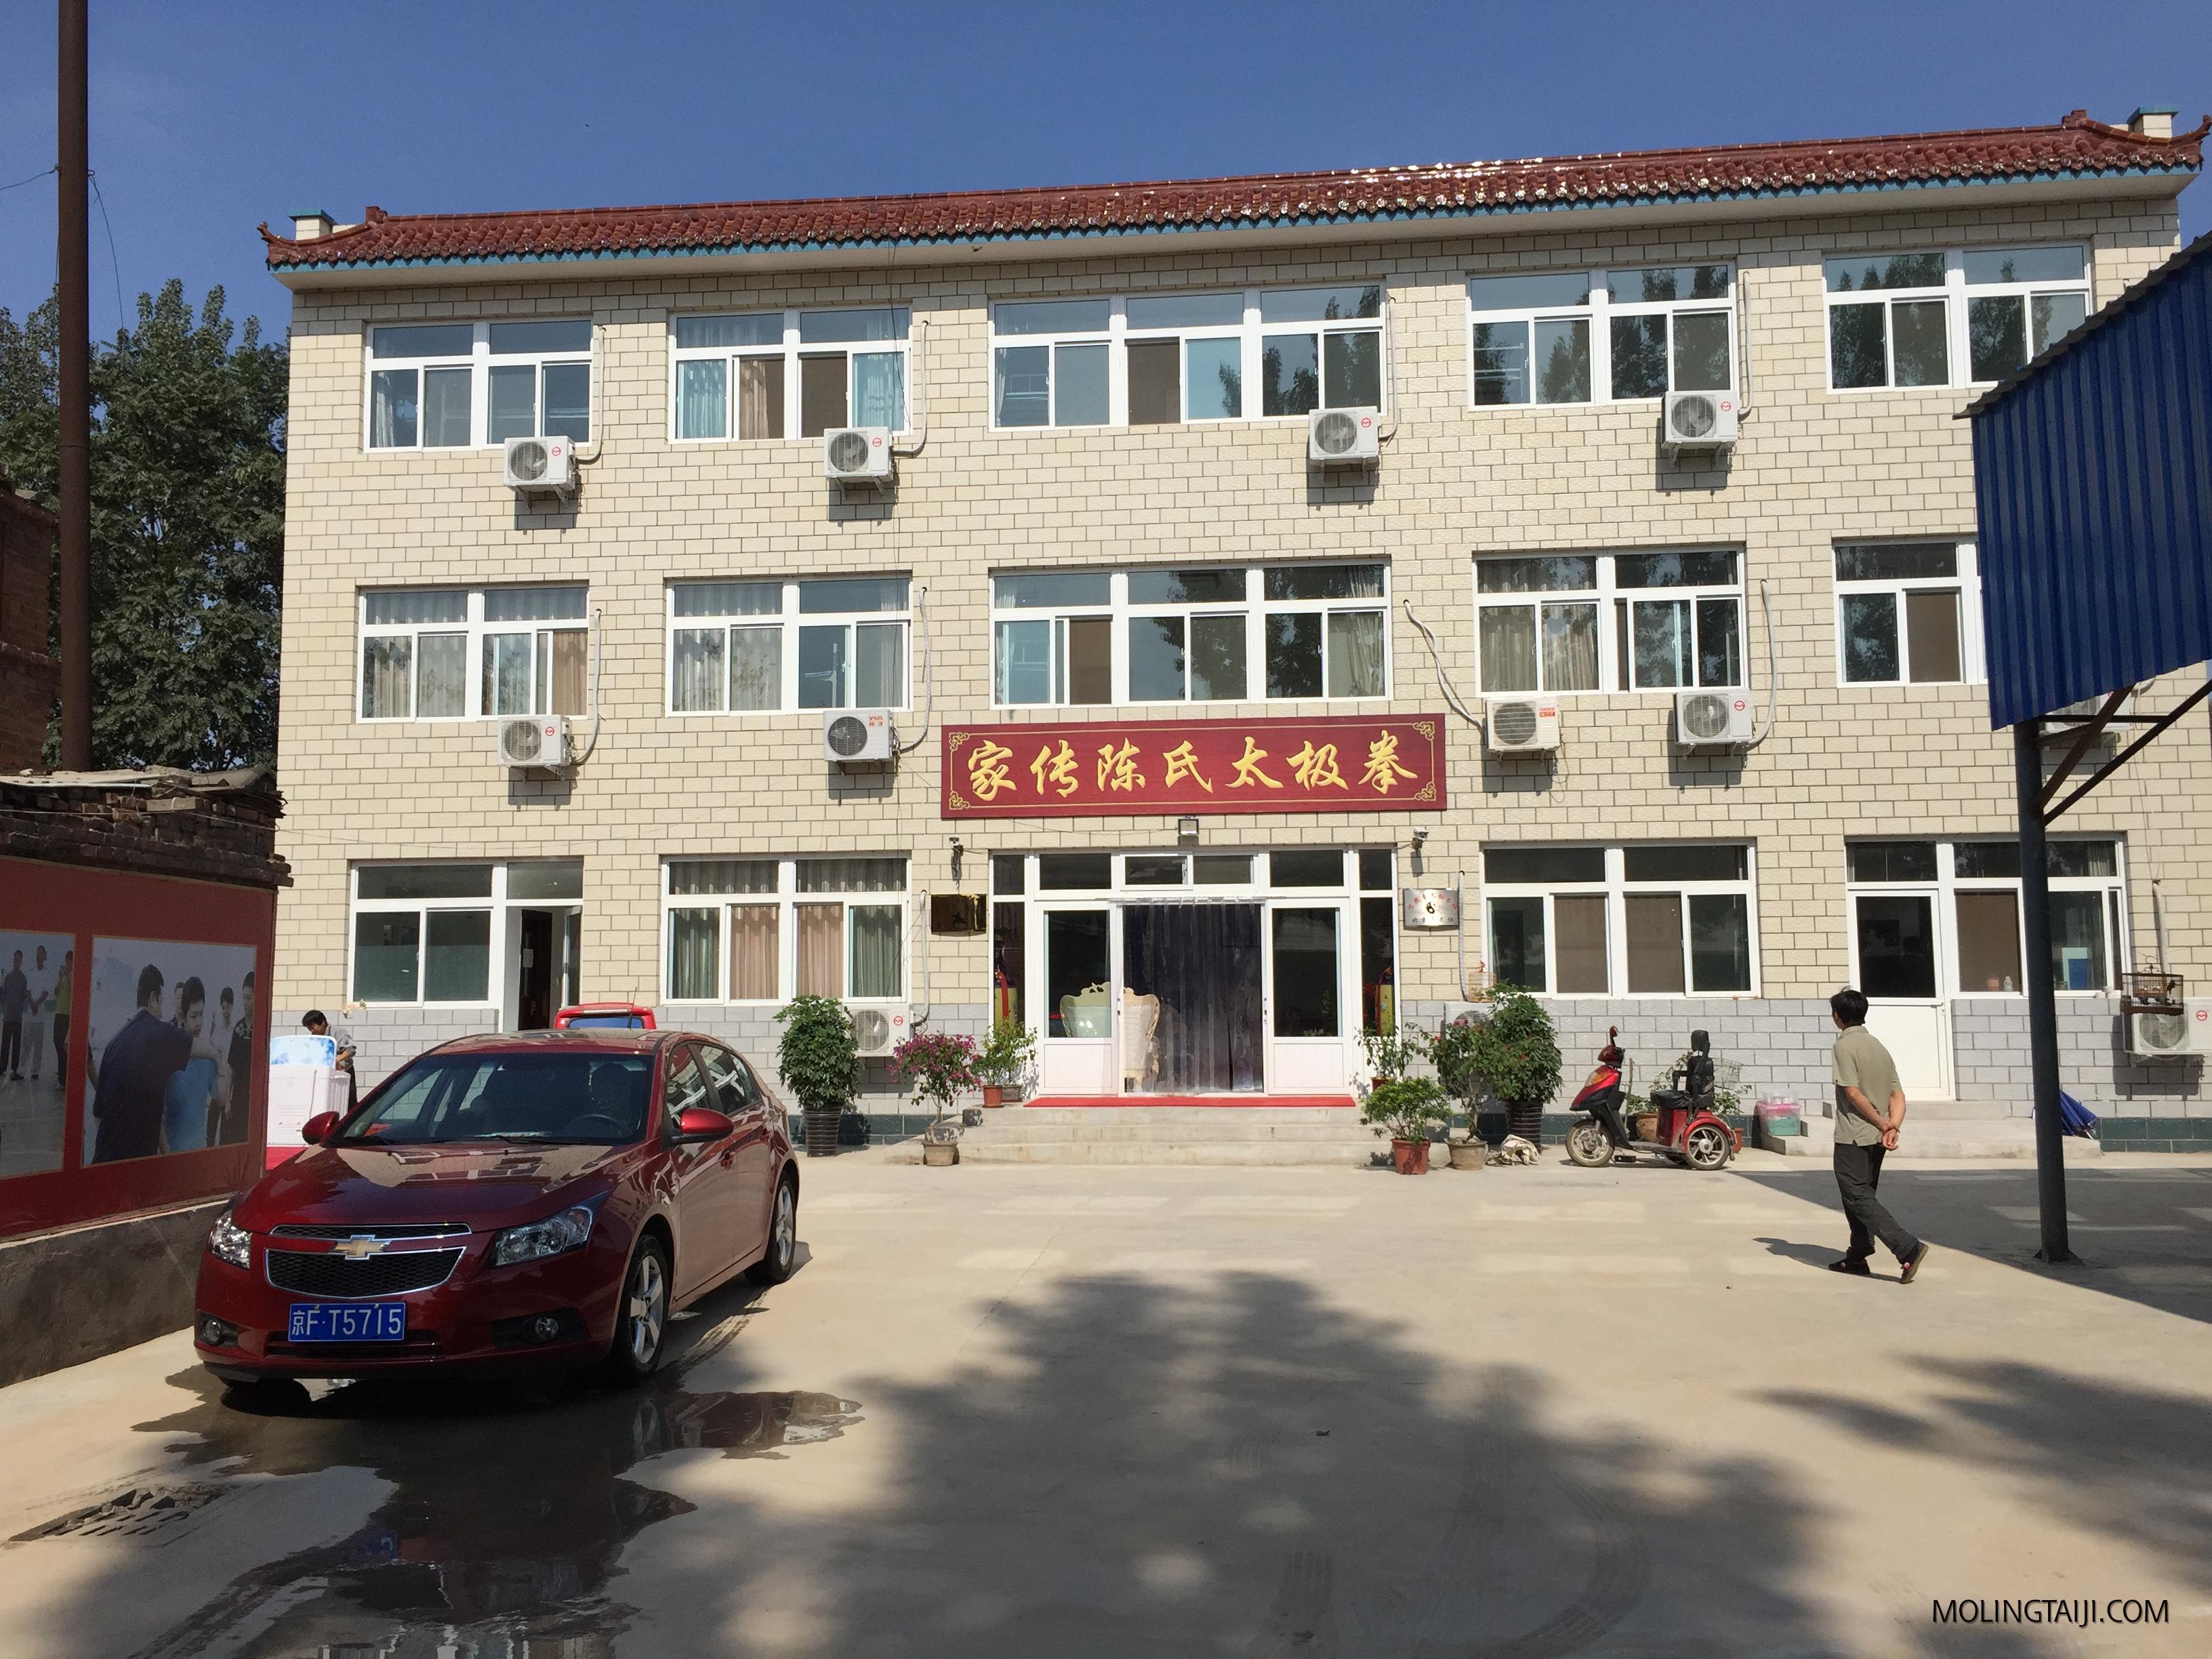 Chenyu Chen Shi Taijiquan Gongfu Jia, Zhuozhou, Hebei School